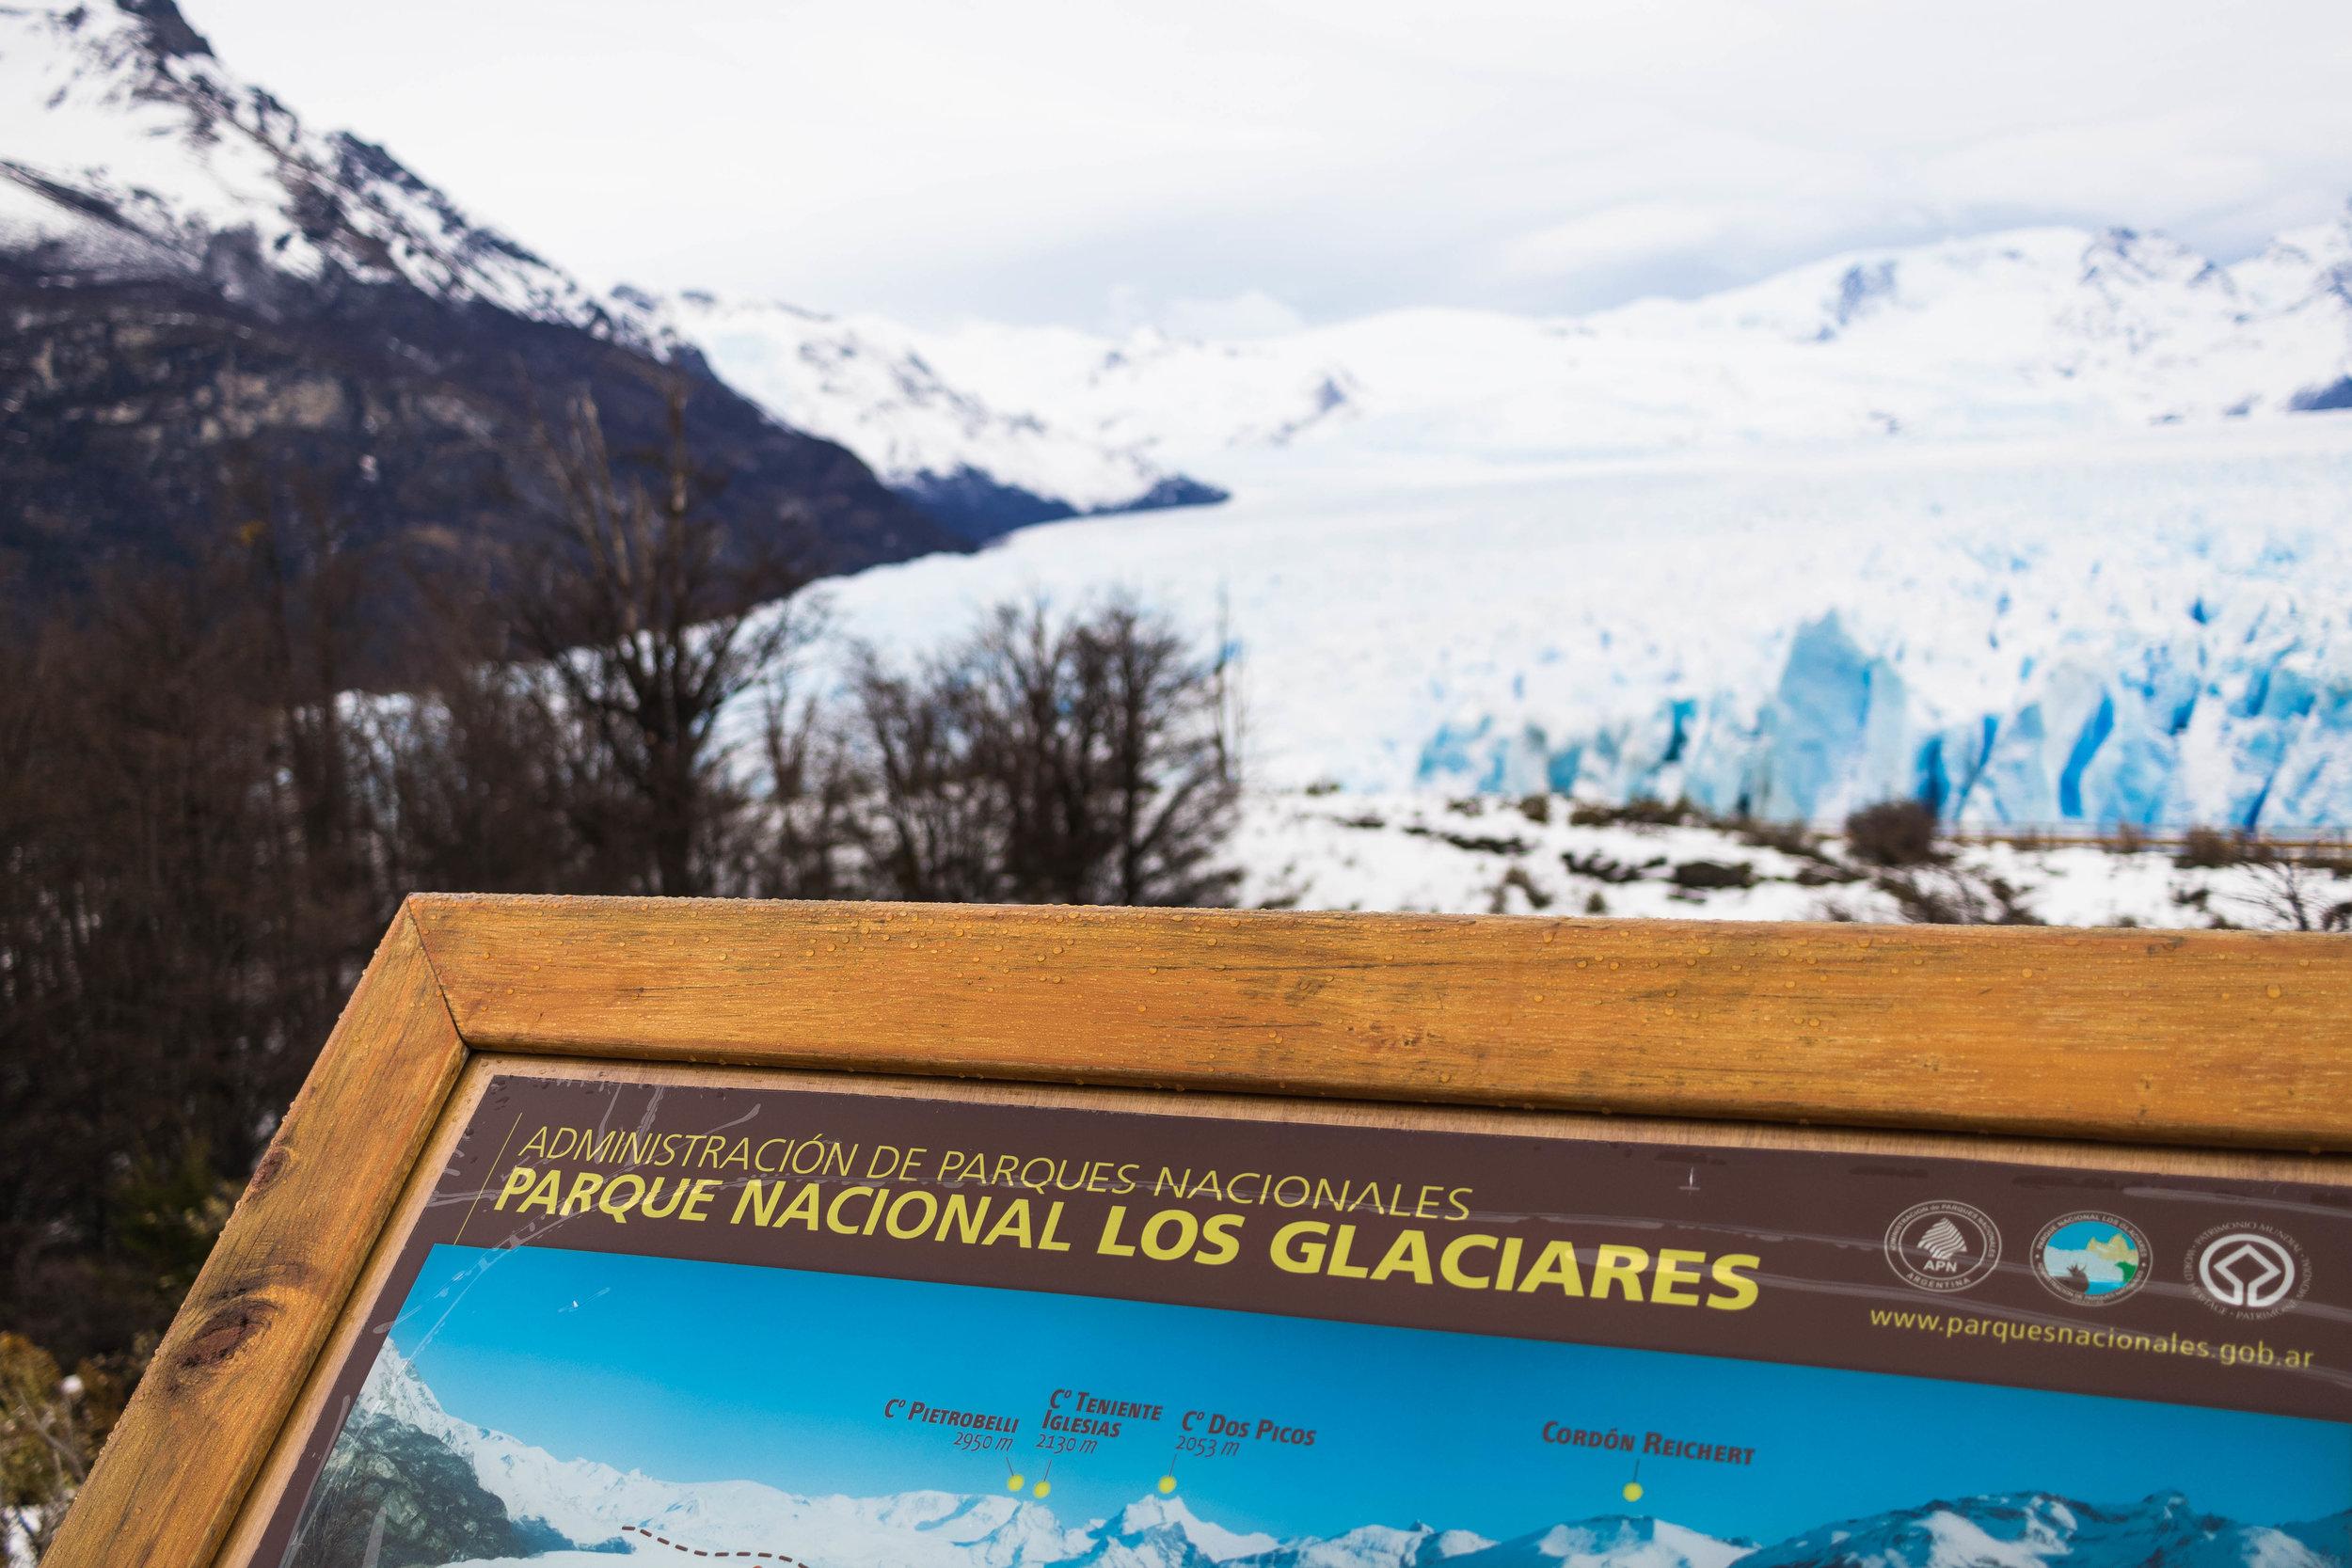 Parque Nacional Los glaciares - Perito Moreno.jpg